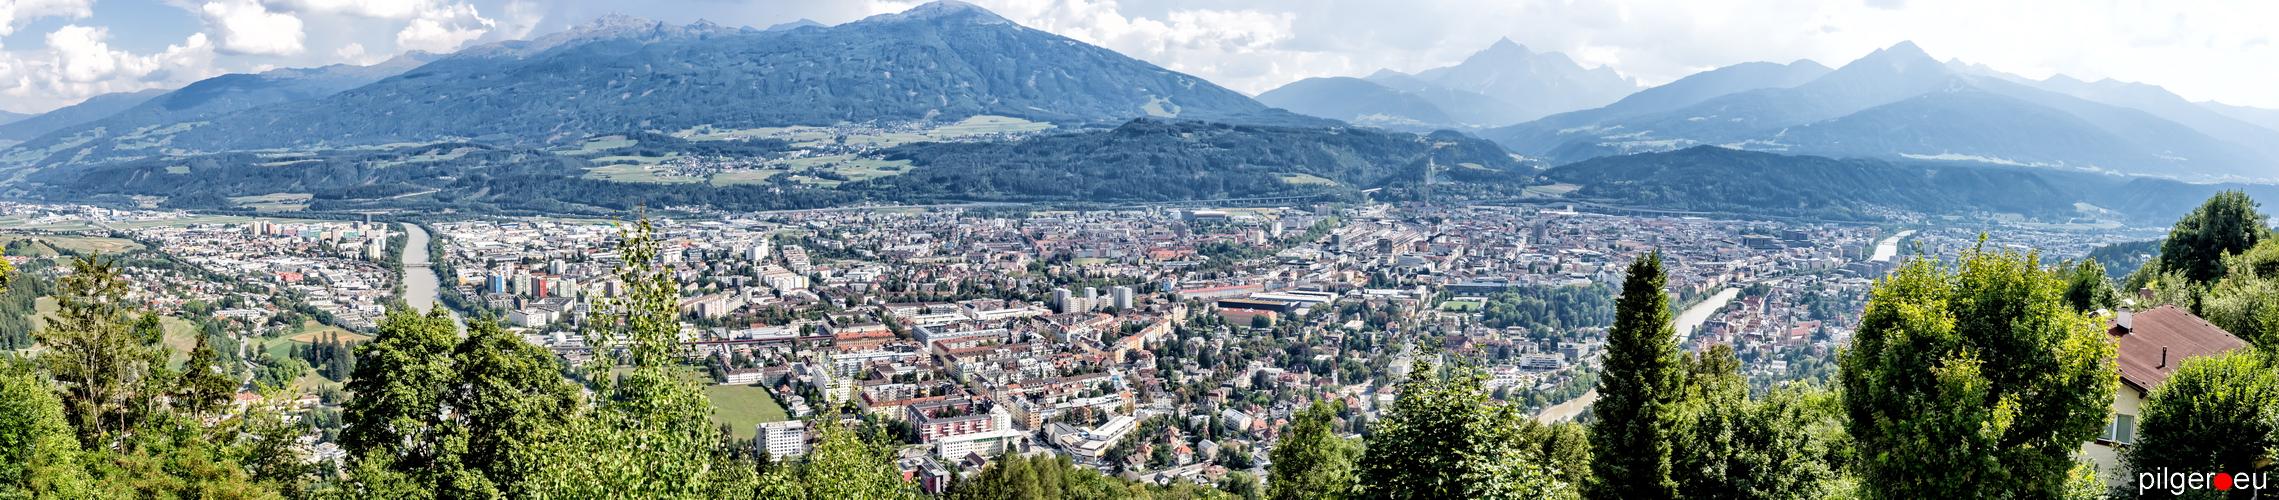 Innsbruck - Der Blick von der Hungerburg